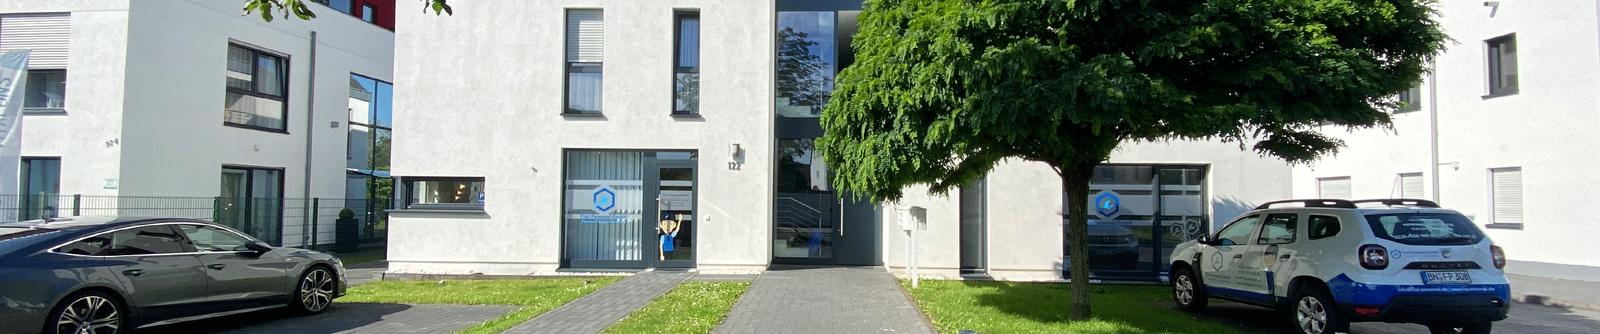 Frei Personal - Gebäude Außenansicht